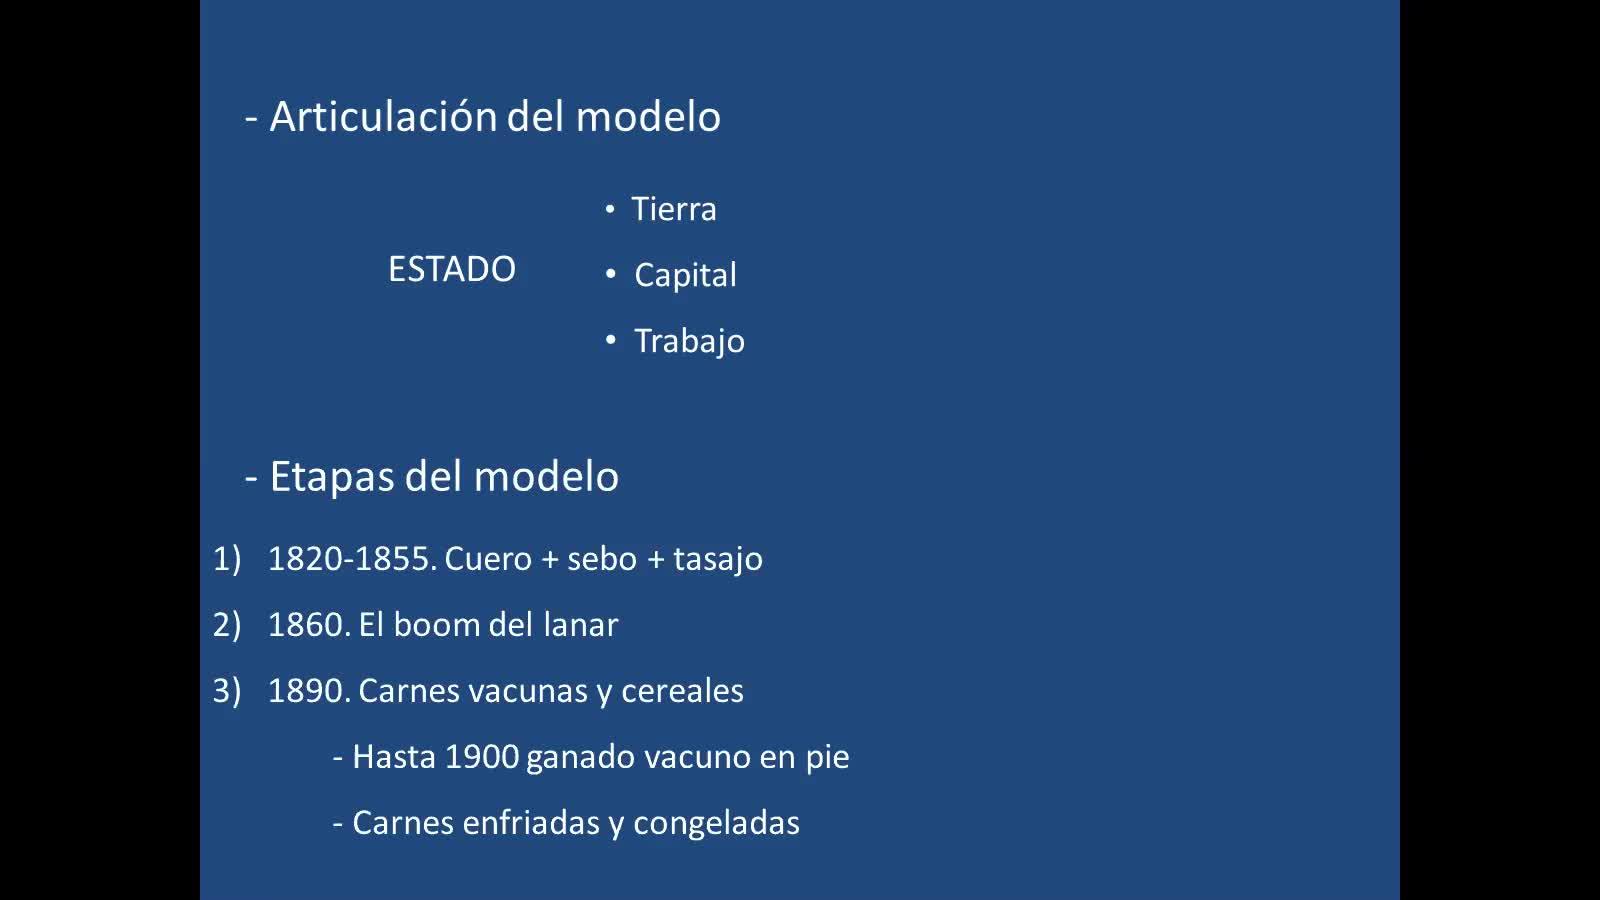 Repaso siglo XIX modelo agroexportador parte 1